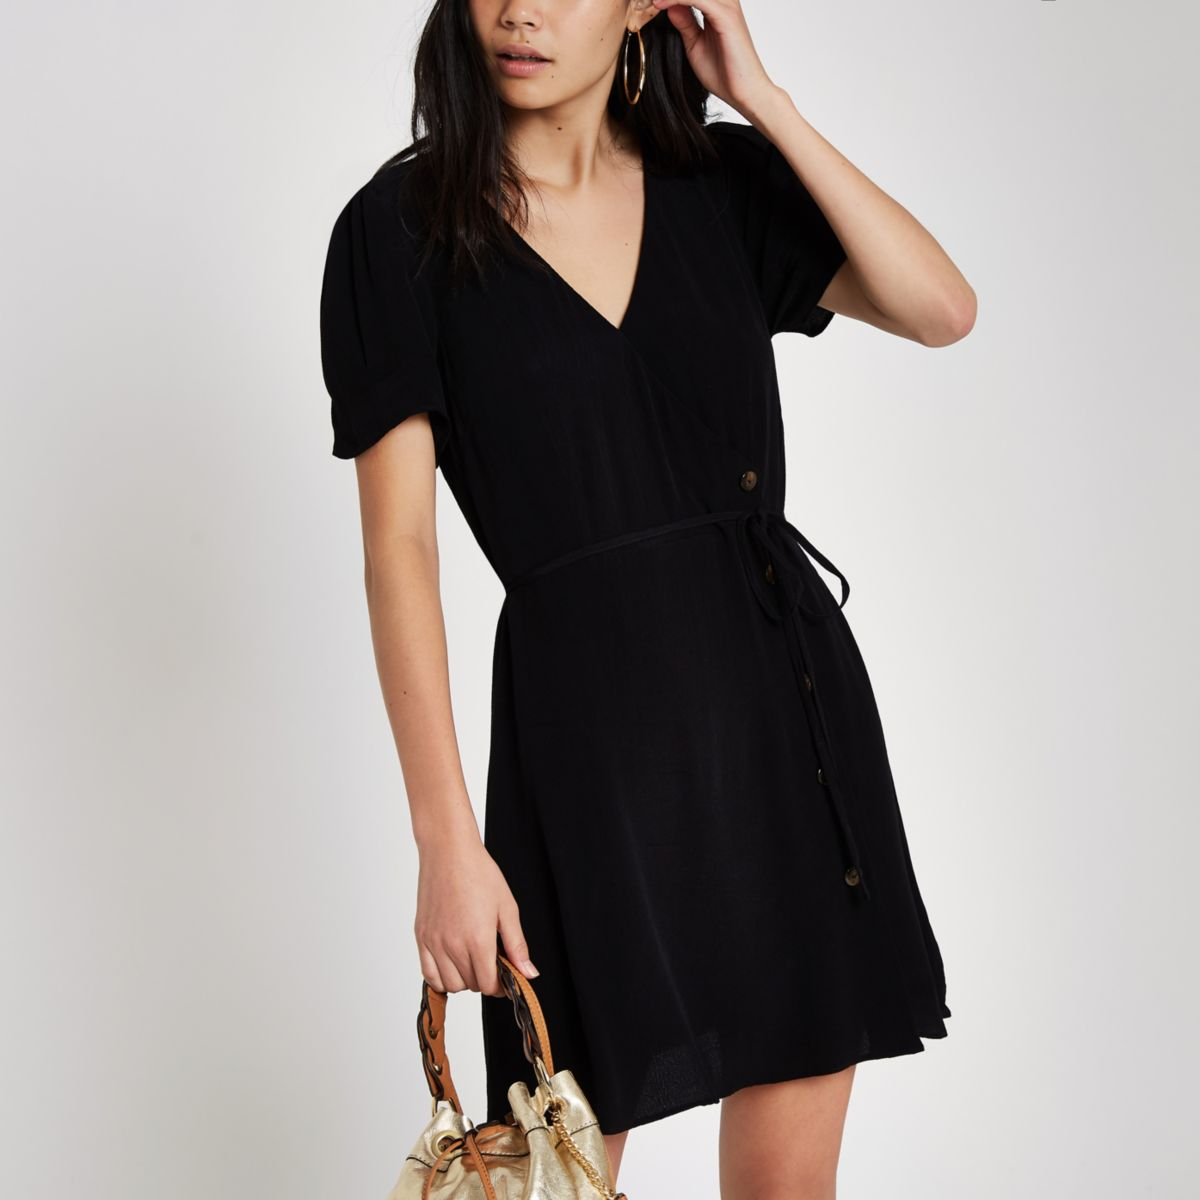 Black button down mini dress